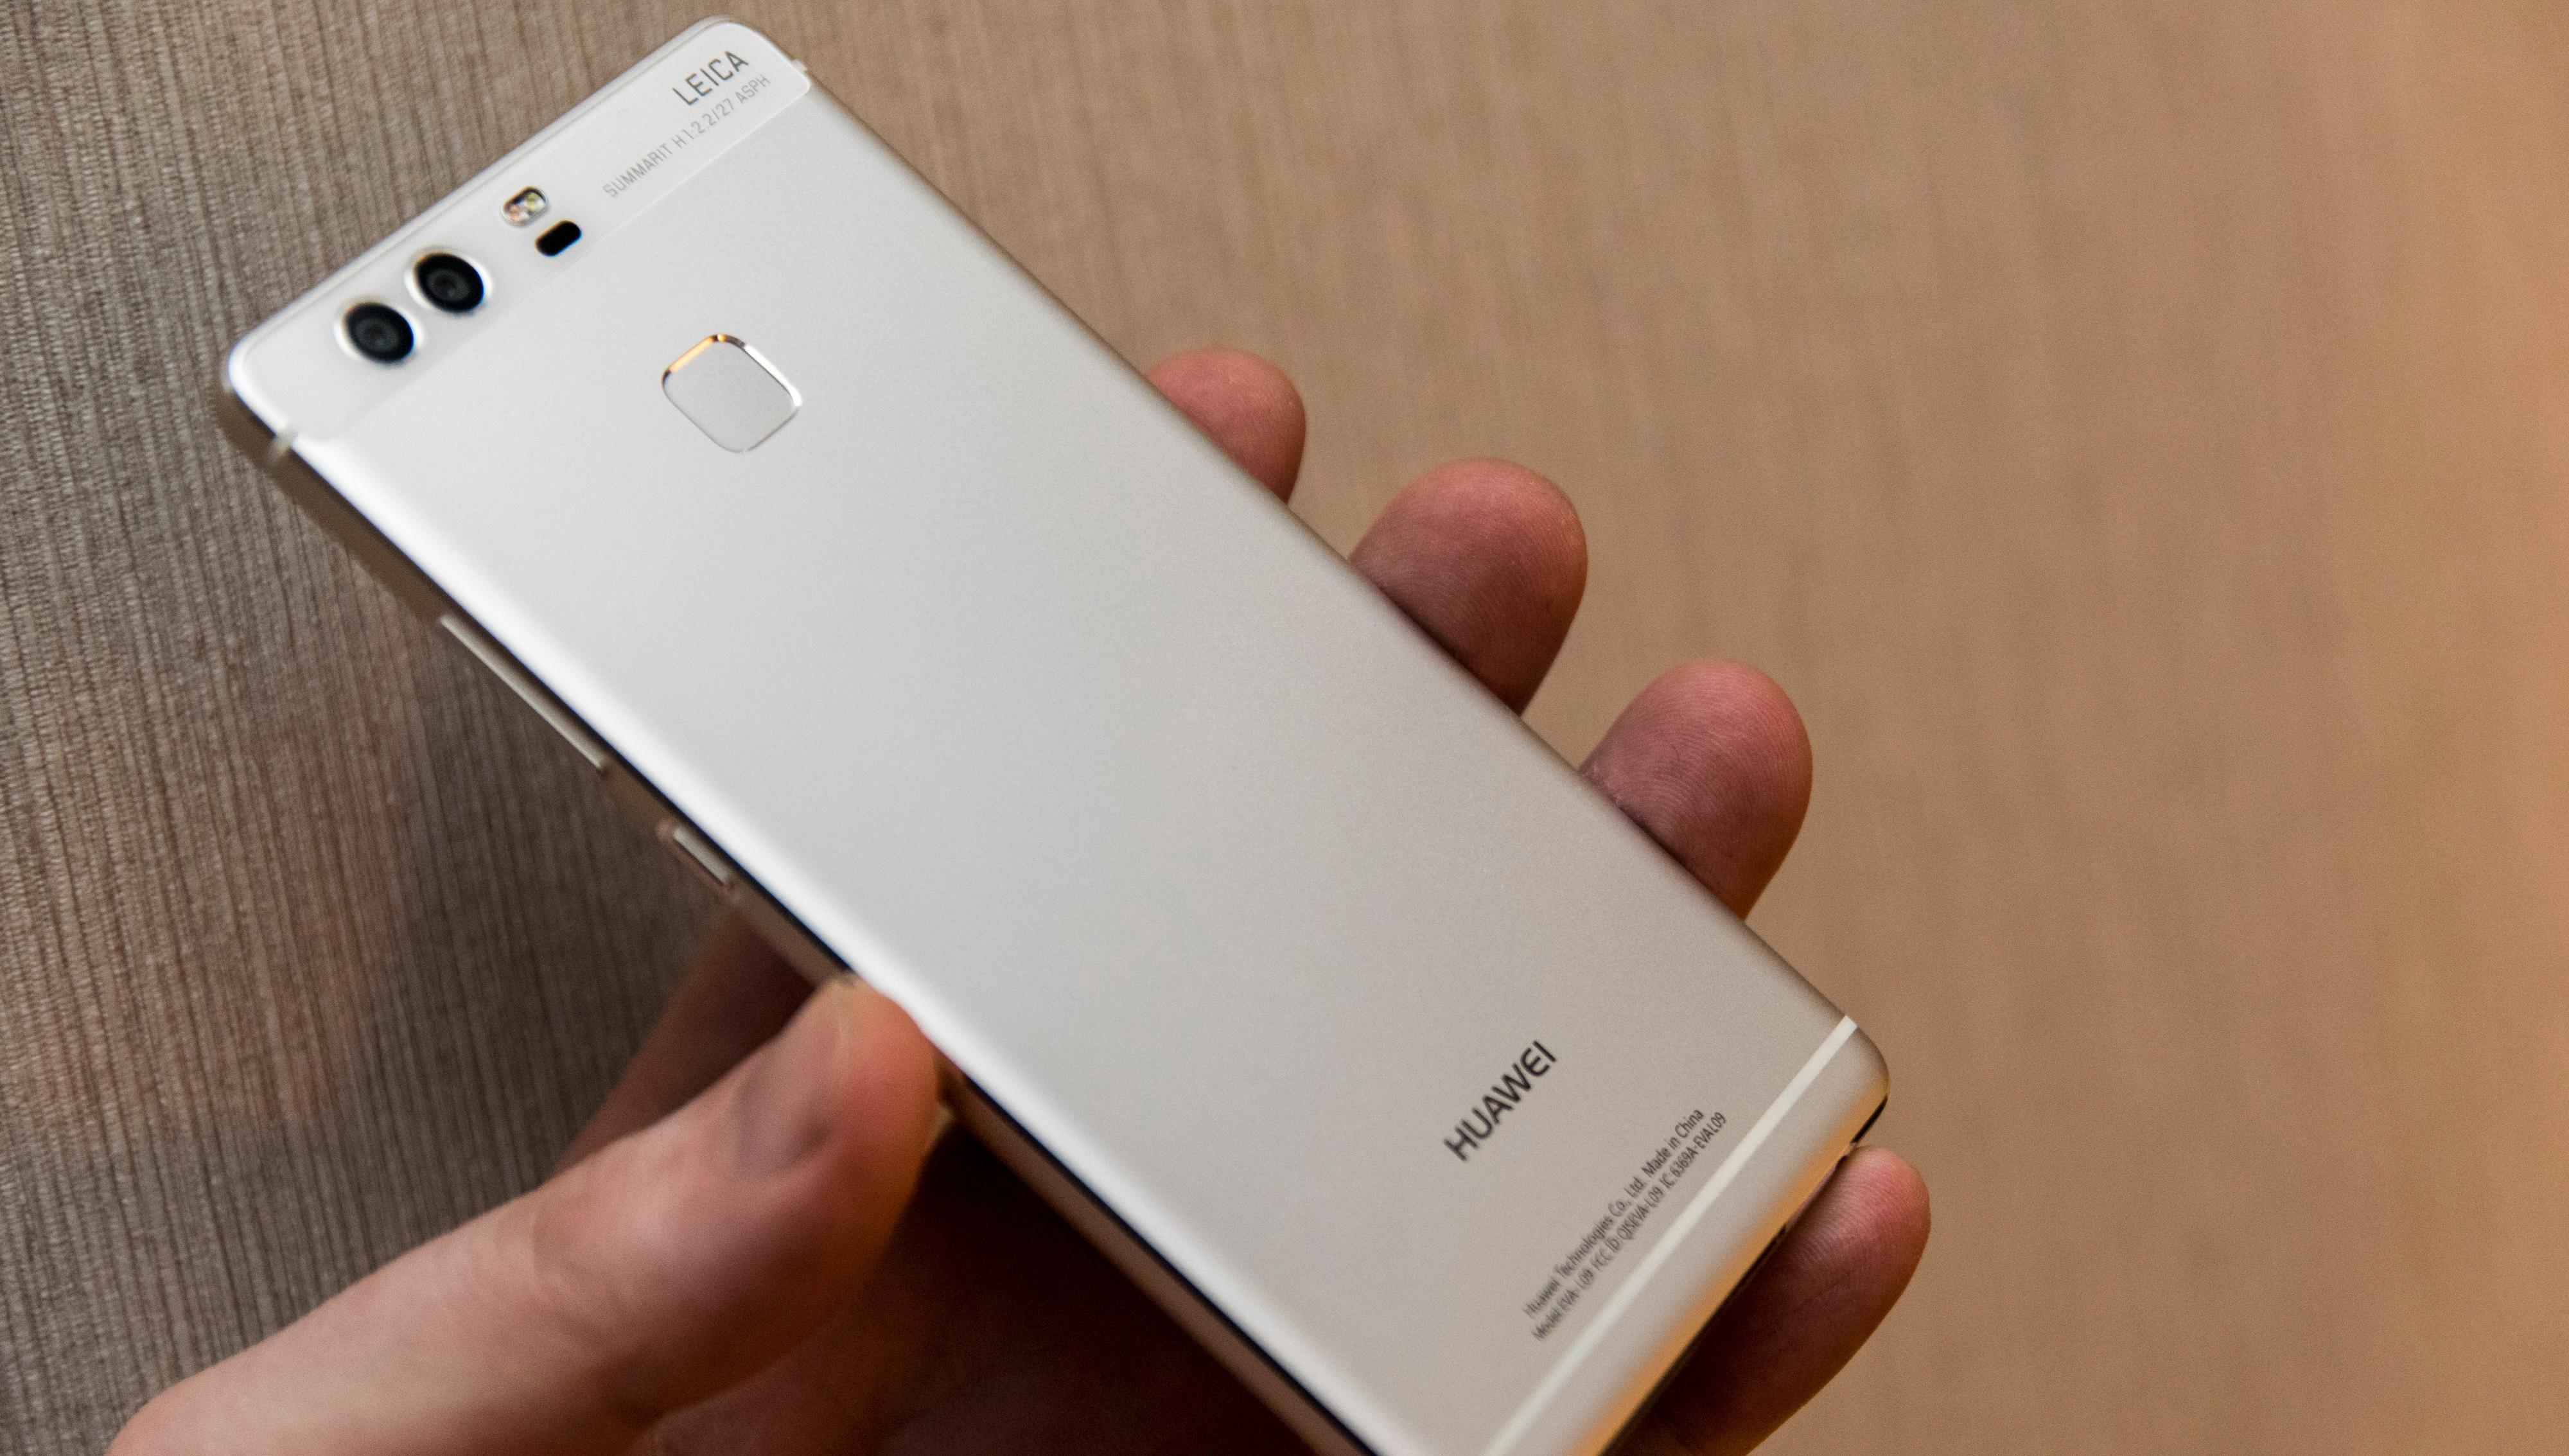 Slik ser Huawei P9 ut på baksiden. Ved første øyekast er det ikke så mye som skiller den fra andre aluminiumstelefoner, men de to linsene vitner om at den ikke er som alle andre.